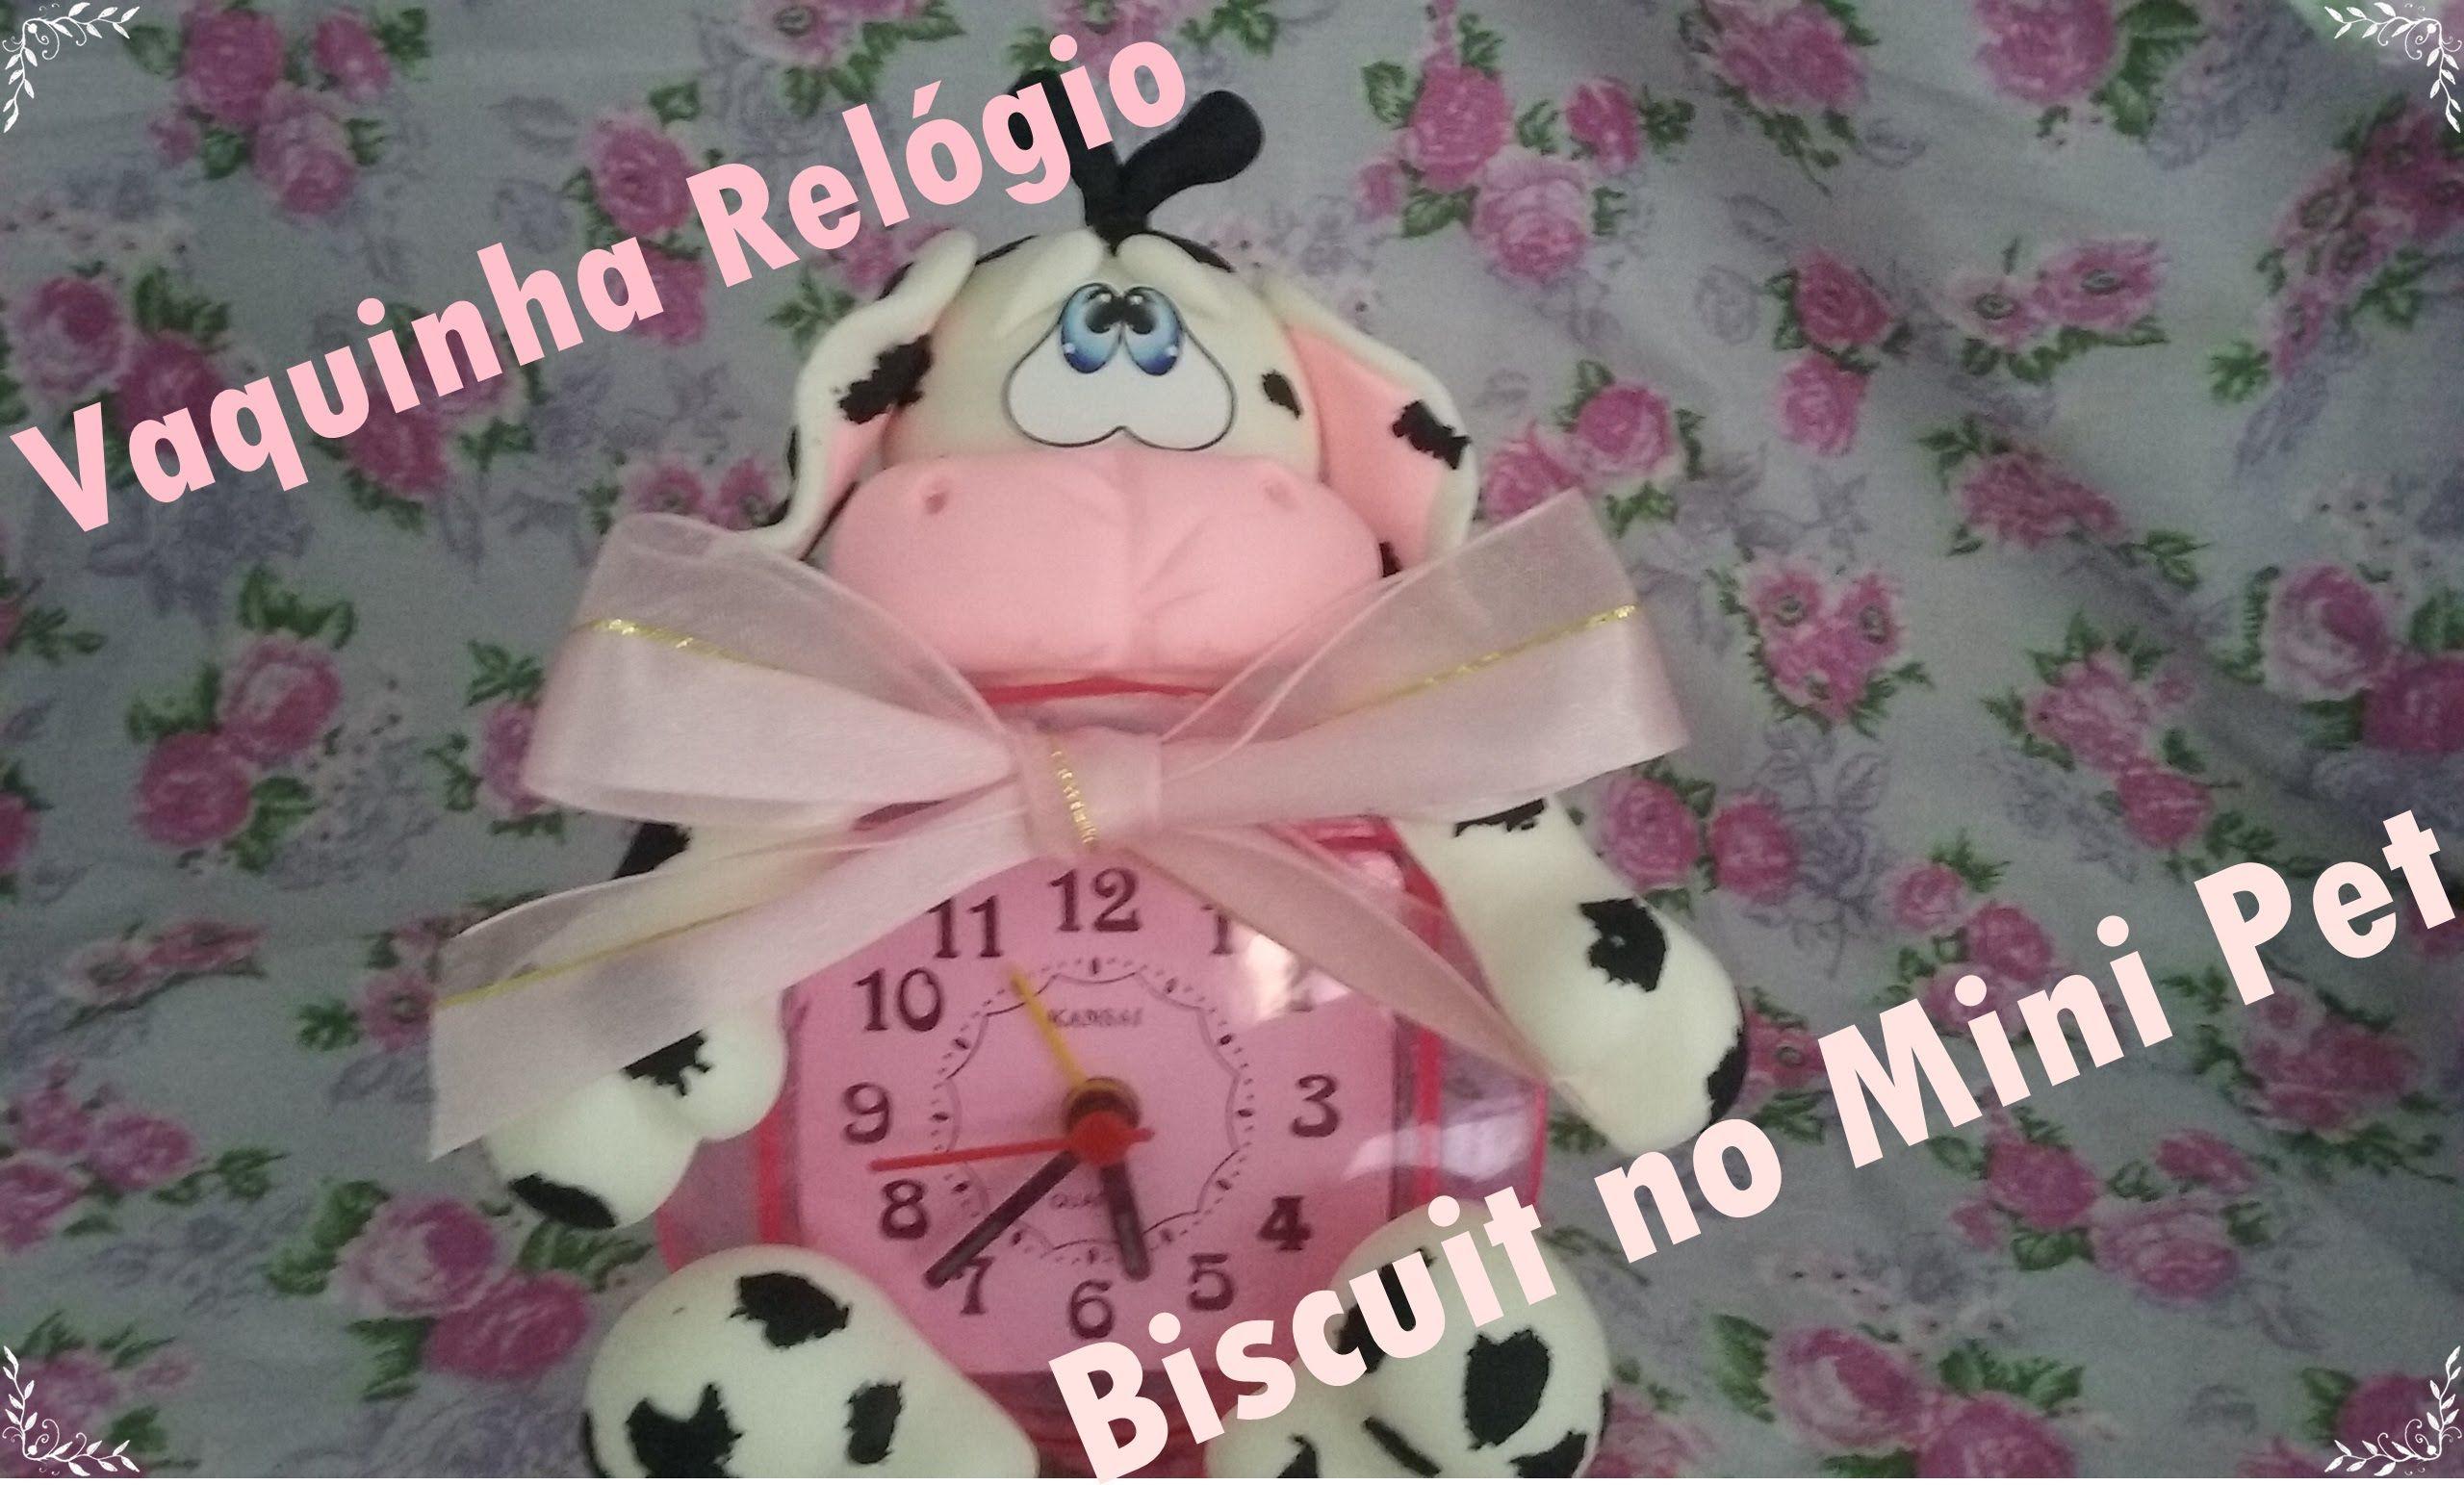 Vaquinha Relógio em Biscuit no Molde Mini Pet